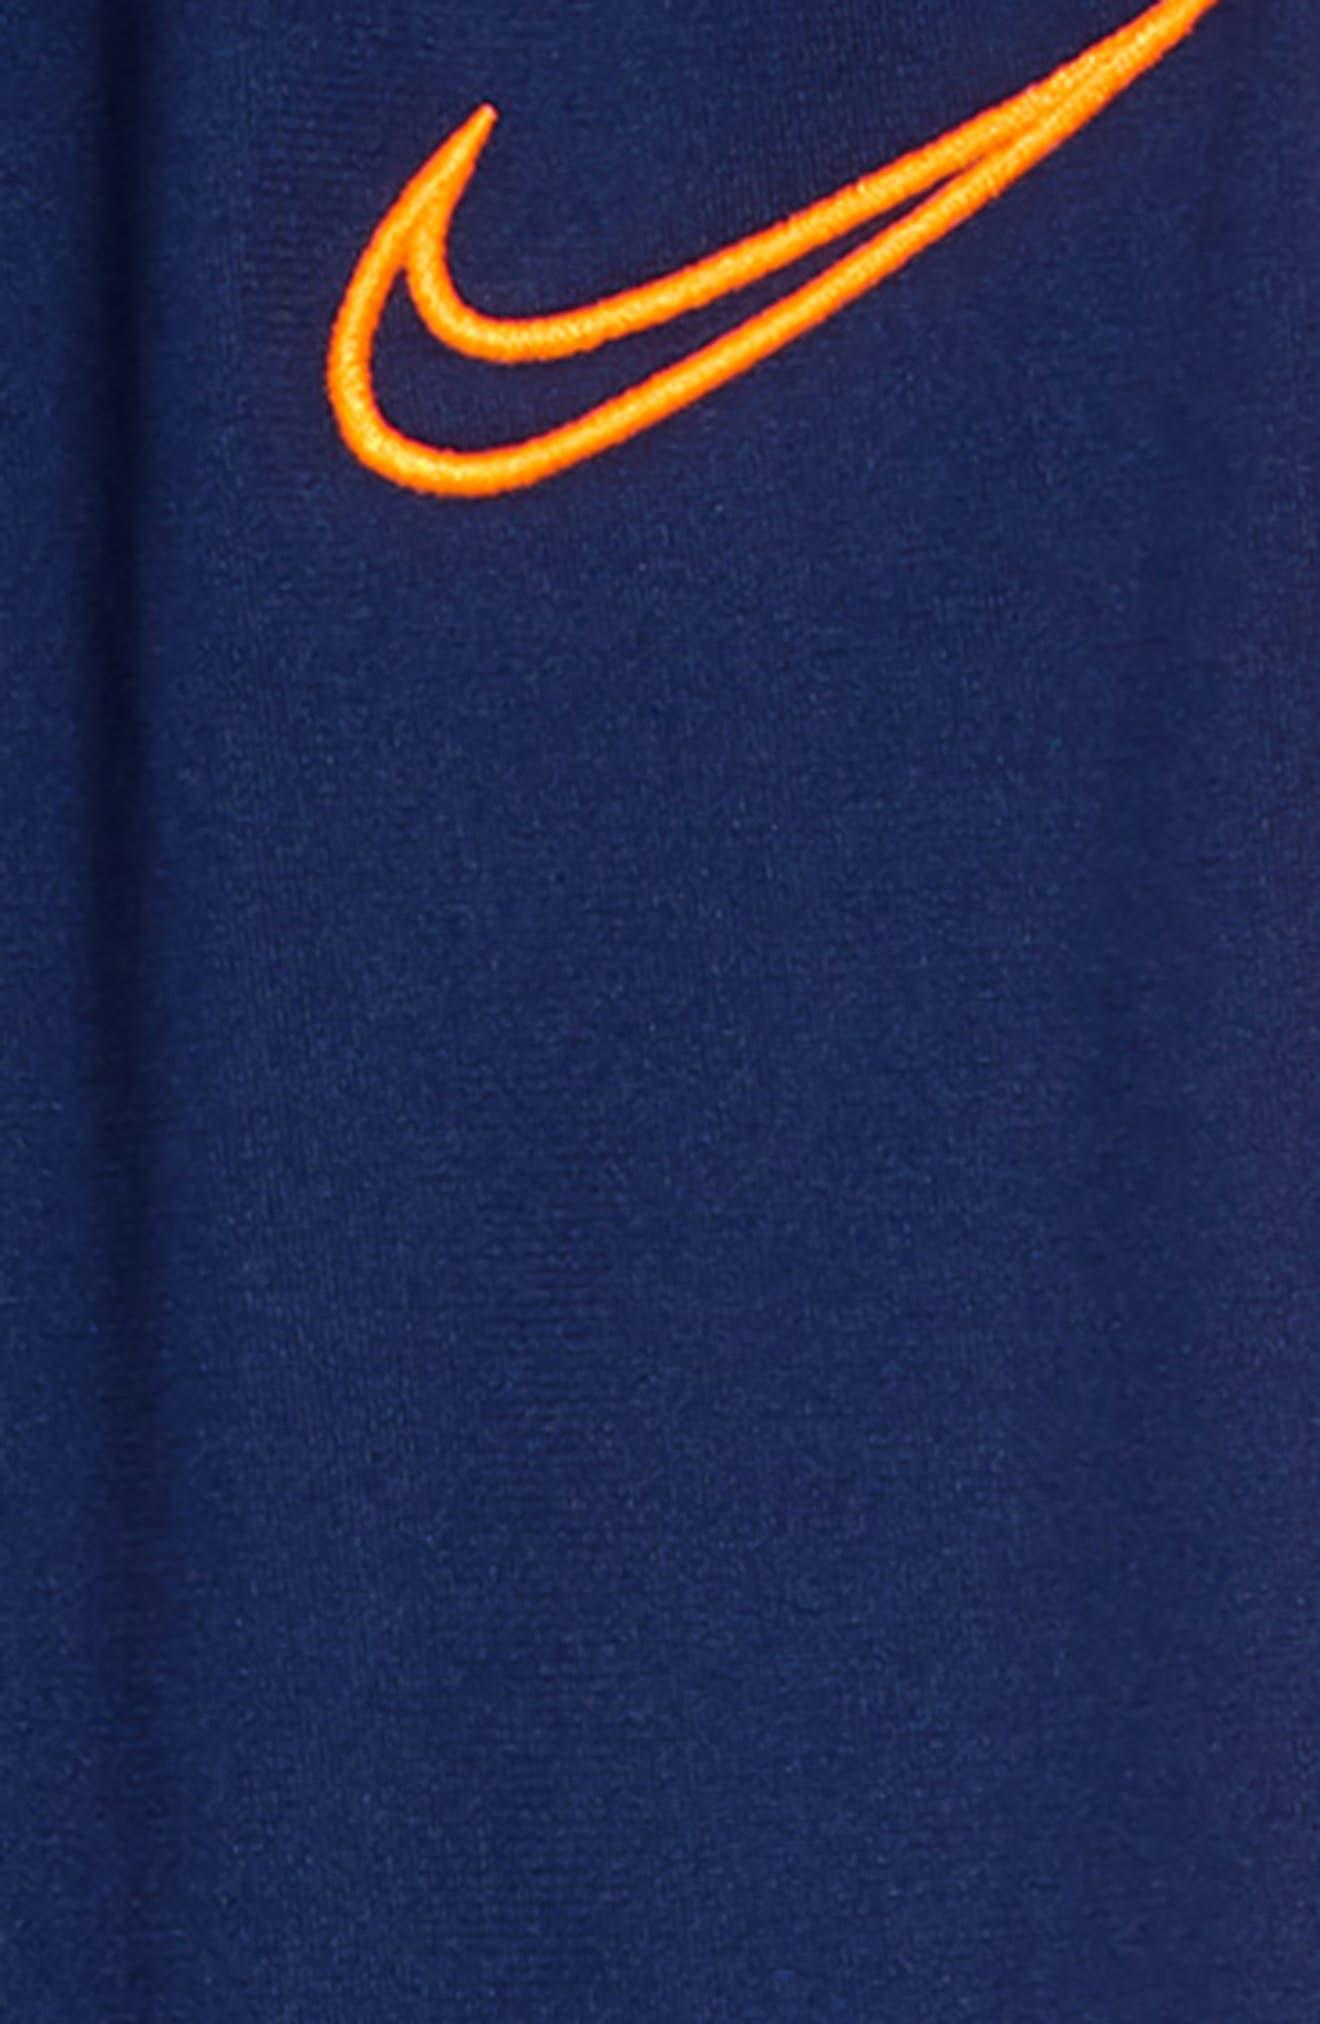 ,                             Academy Dri-FIT Sweatpants,                             Alternate thumbnail 2, color,                             BLUE VOID / TOTAL ORANGE